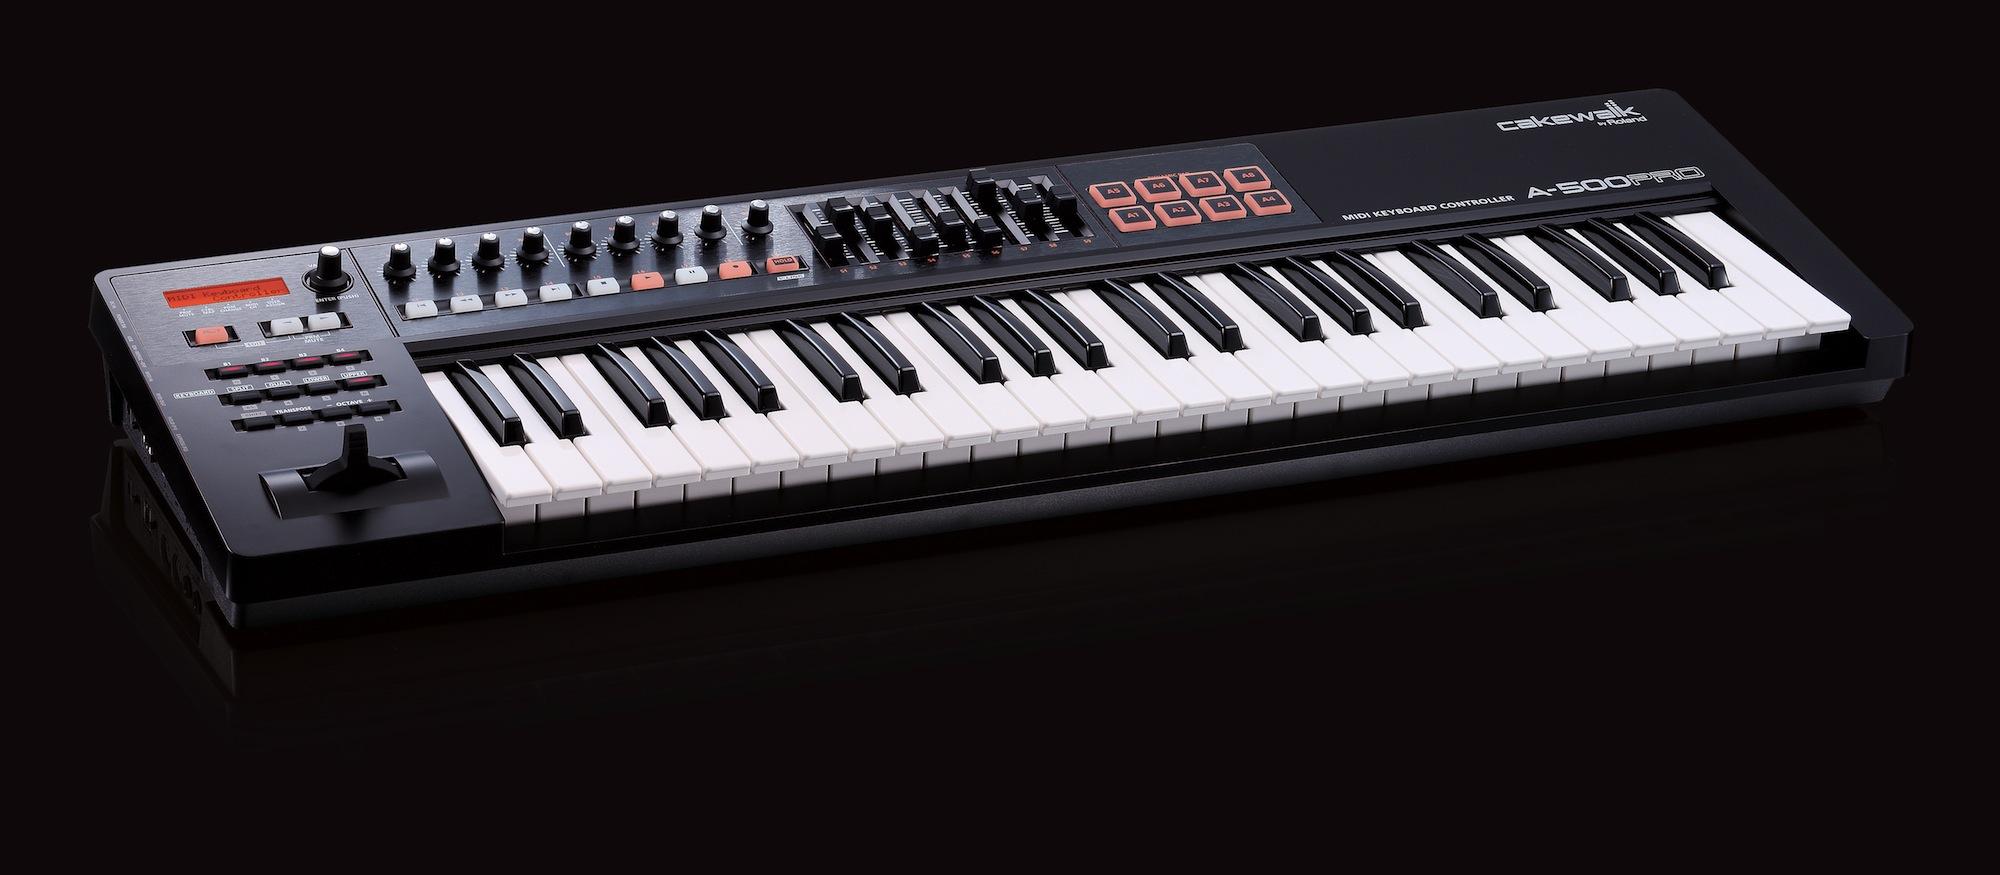 Cakewalk A-500MIDI键盘【价格|图片|详情介绍】